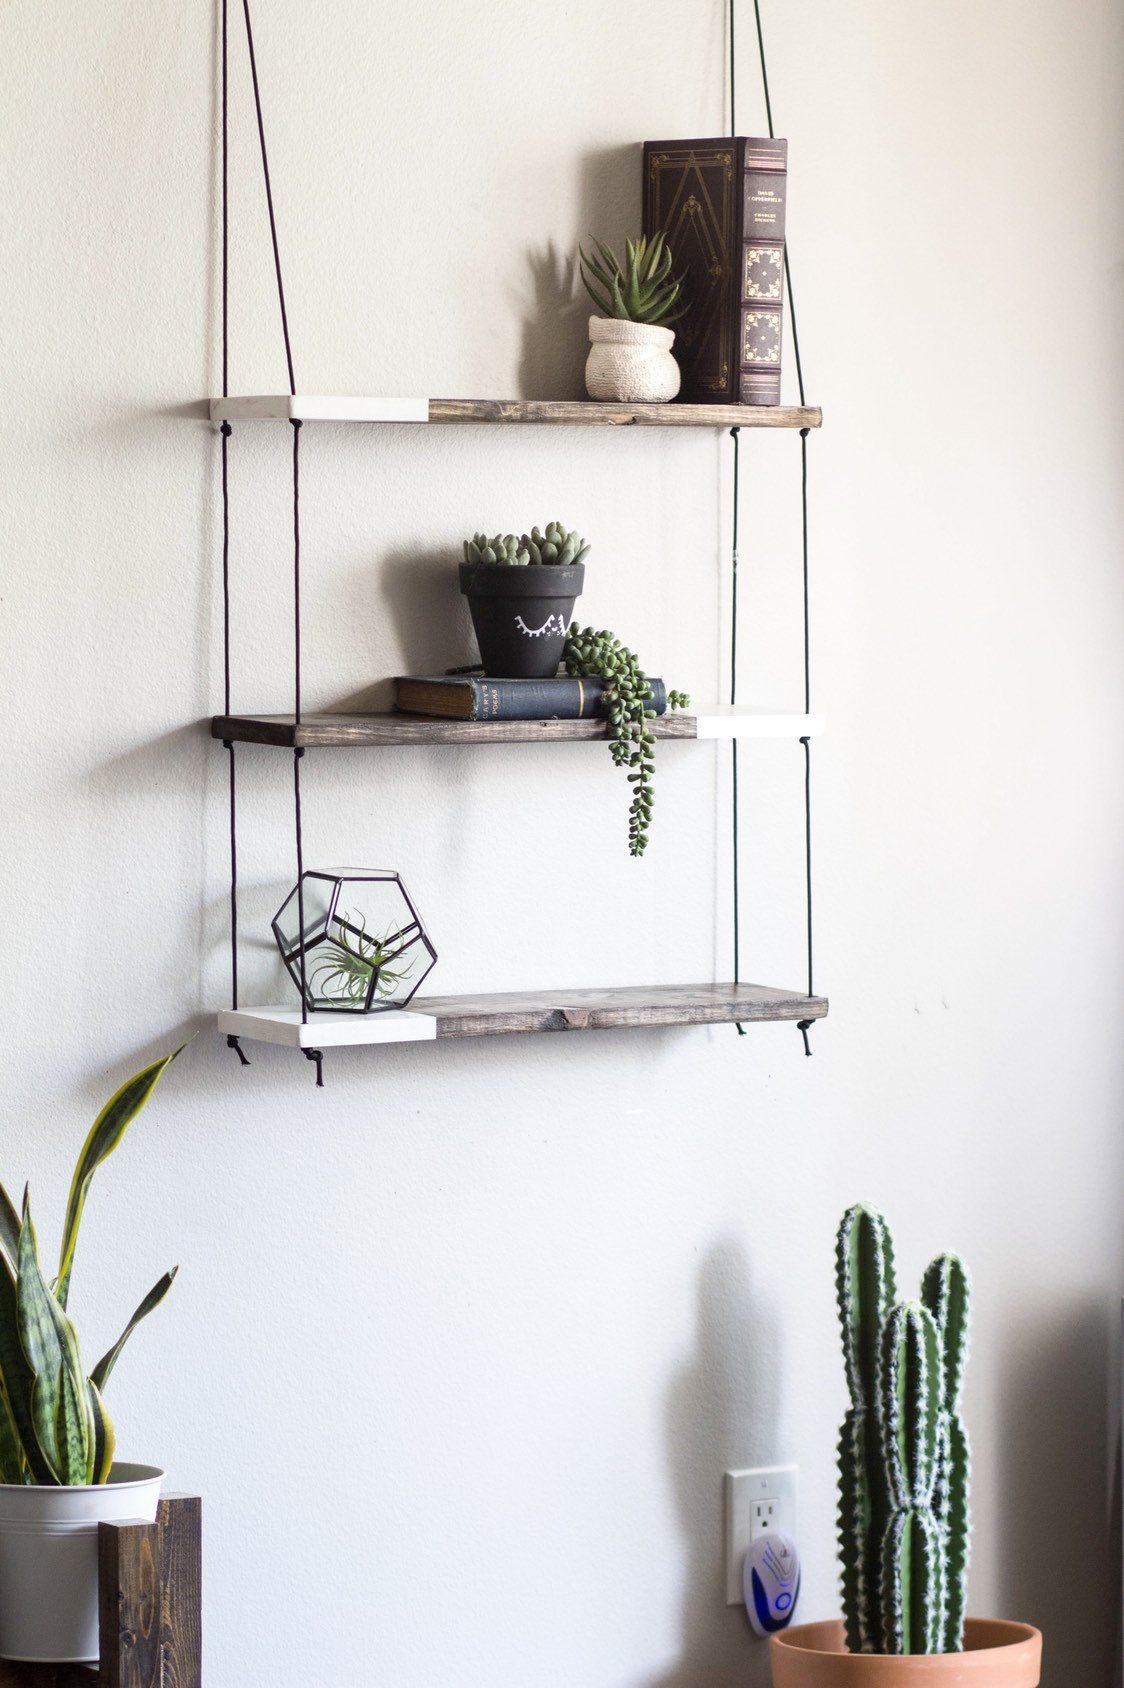 Trio Two Tone Shelf Hanging Shelf Hanging Shelves Three Etsy Hanging Shelves Wood Shelves Shelves